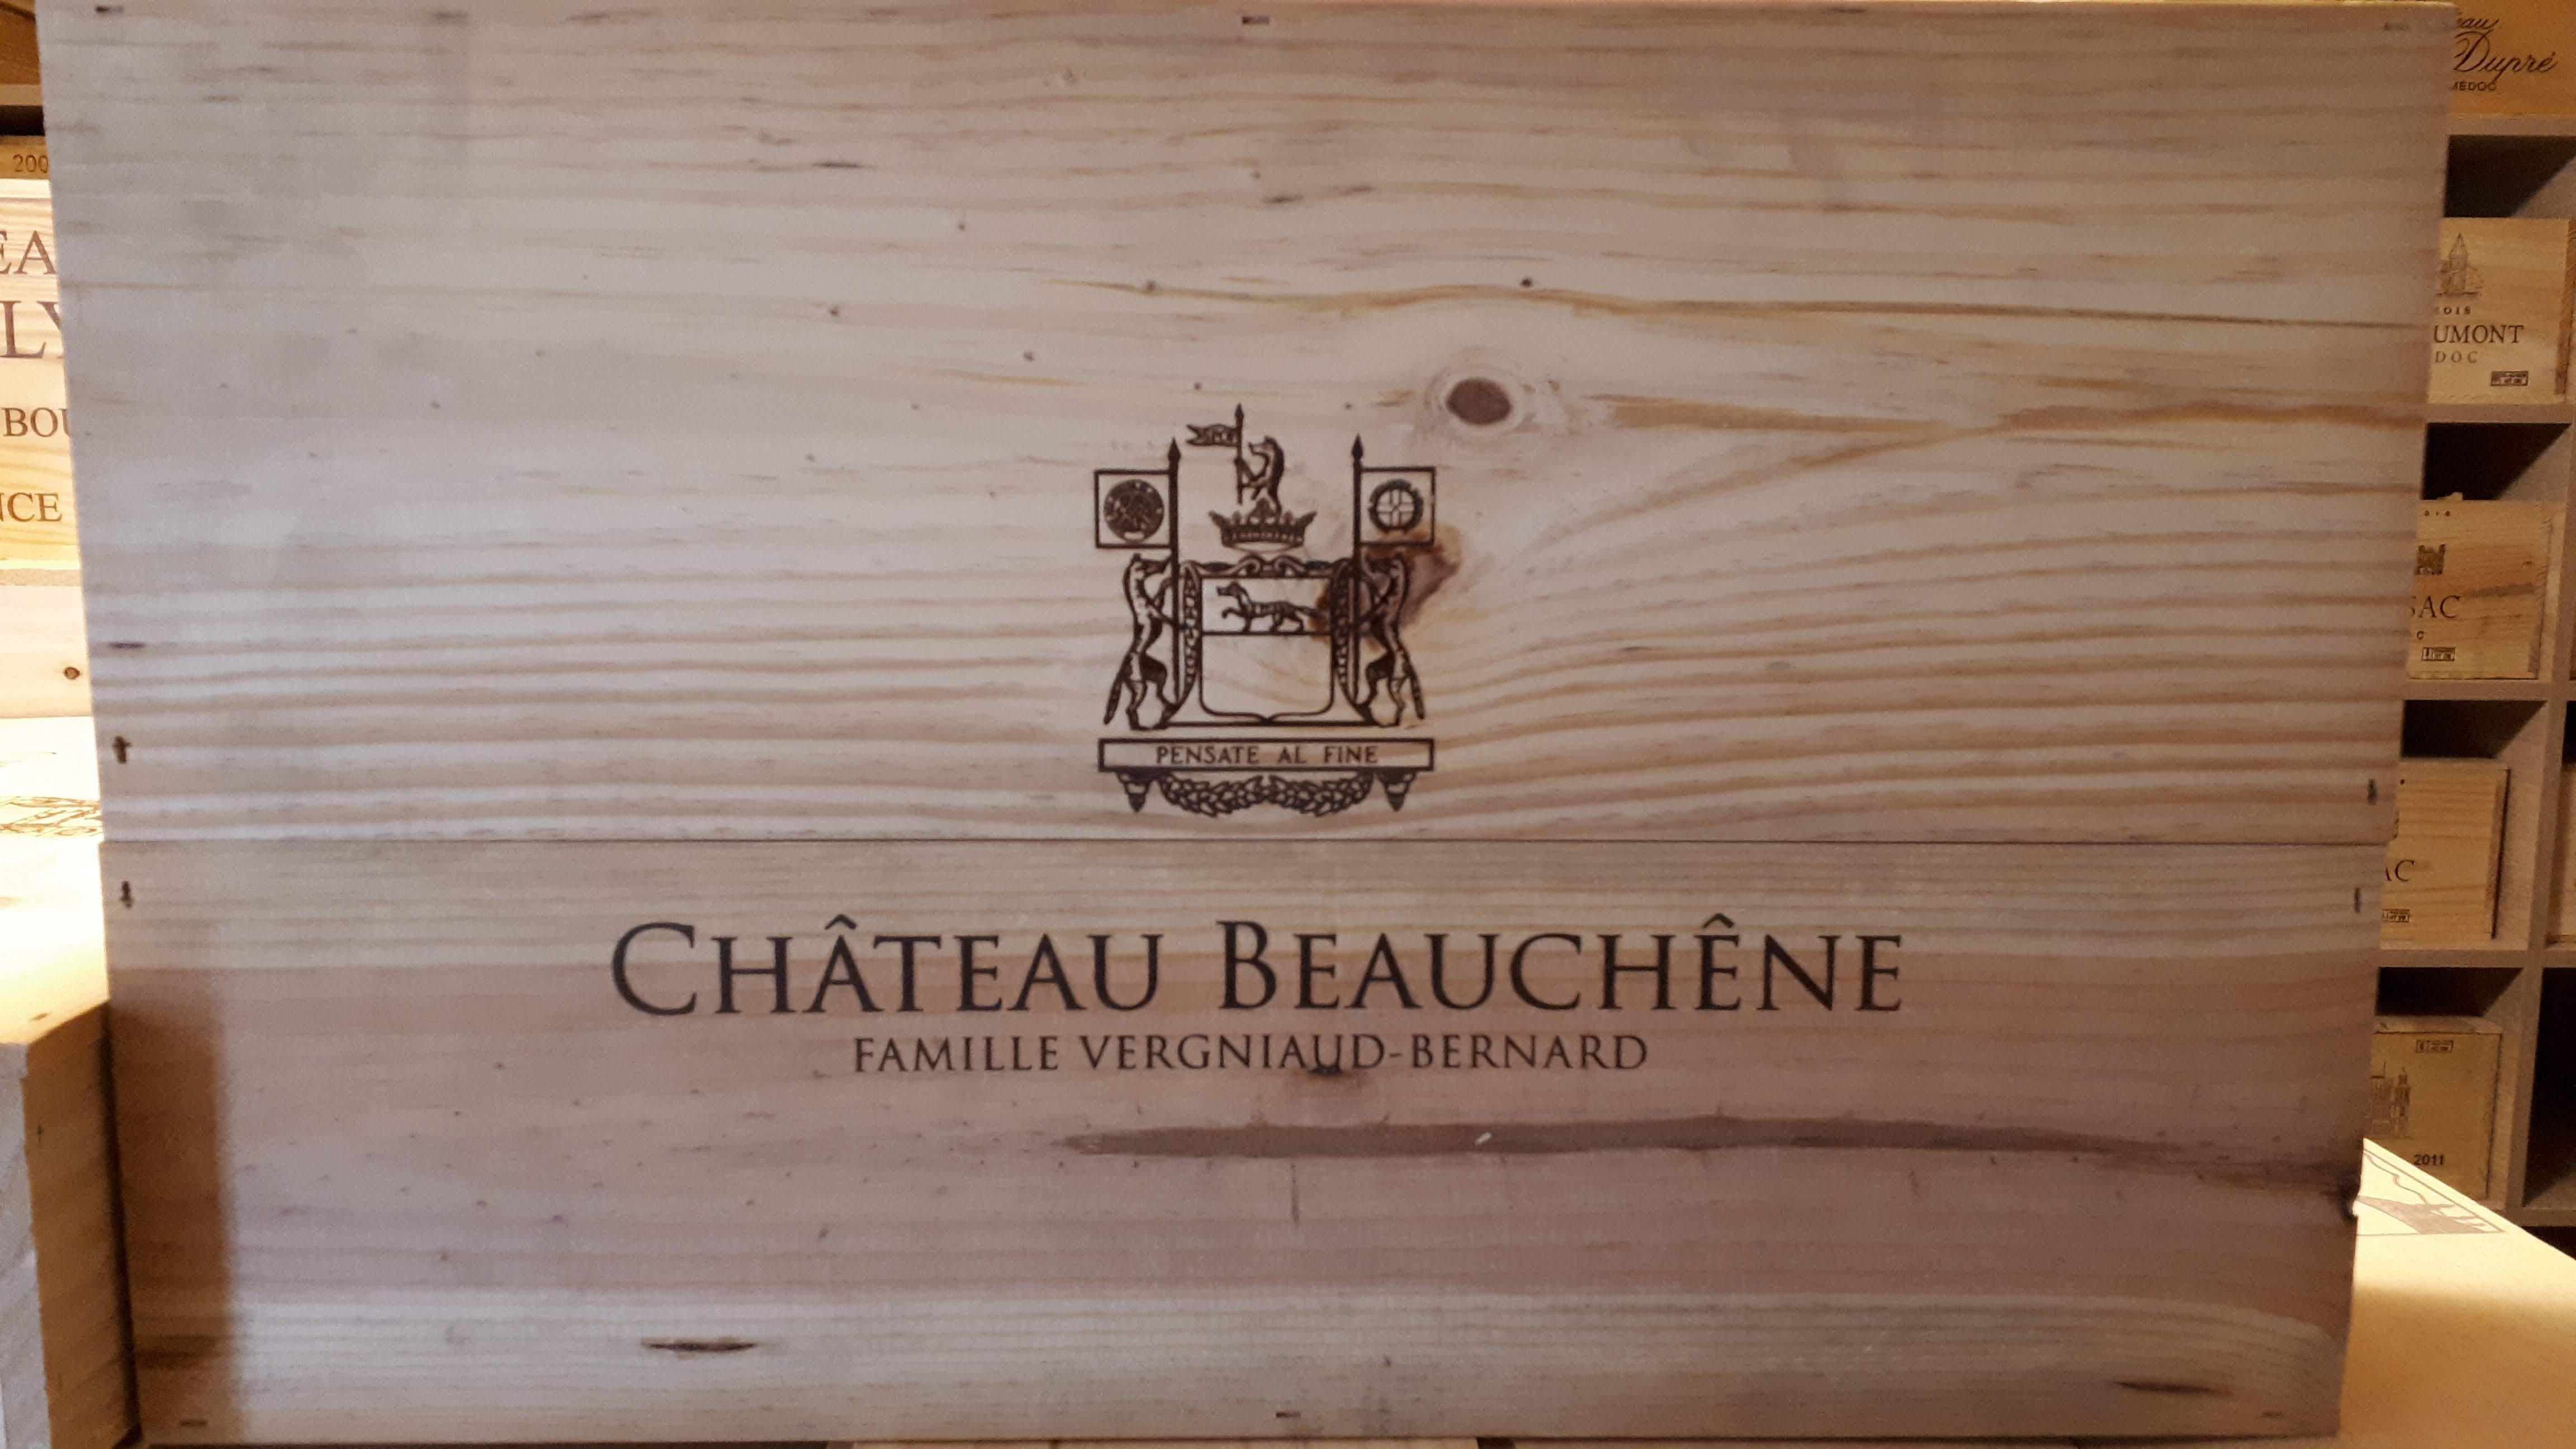 Côtes du Rhône Premier Terroir - Chateau Beauchene